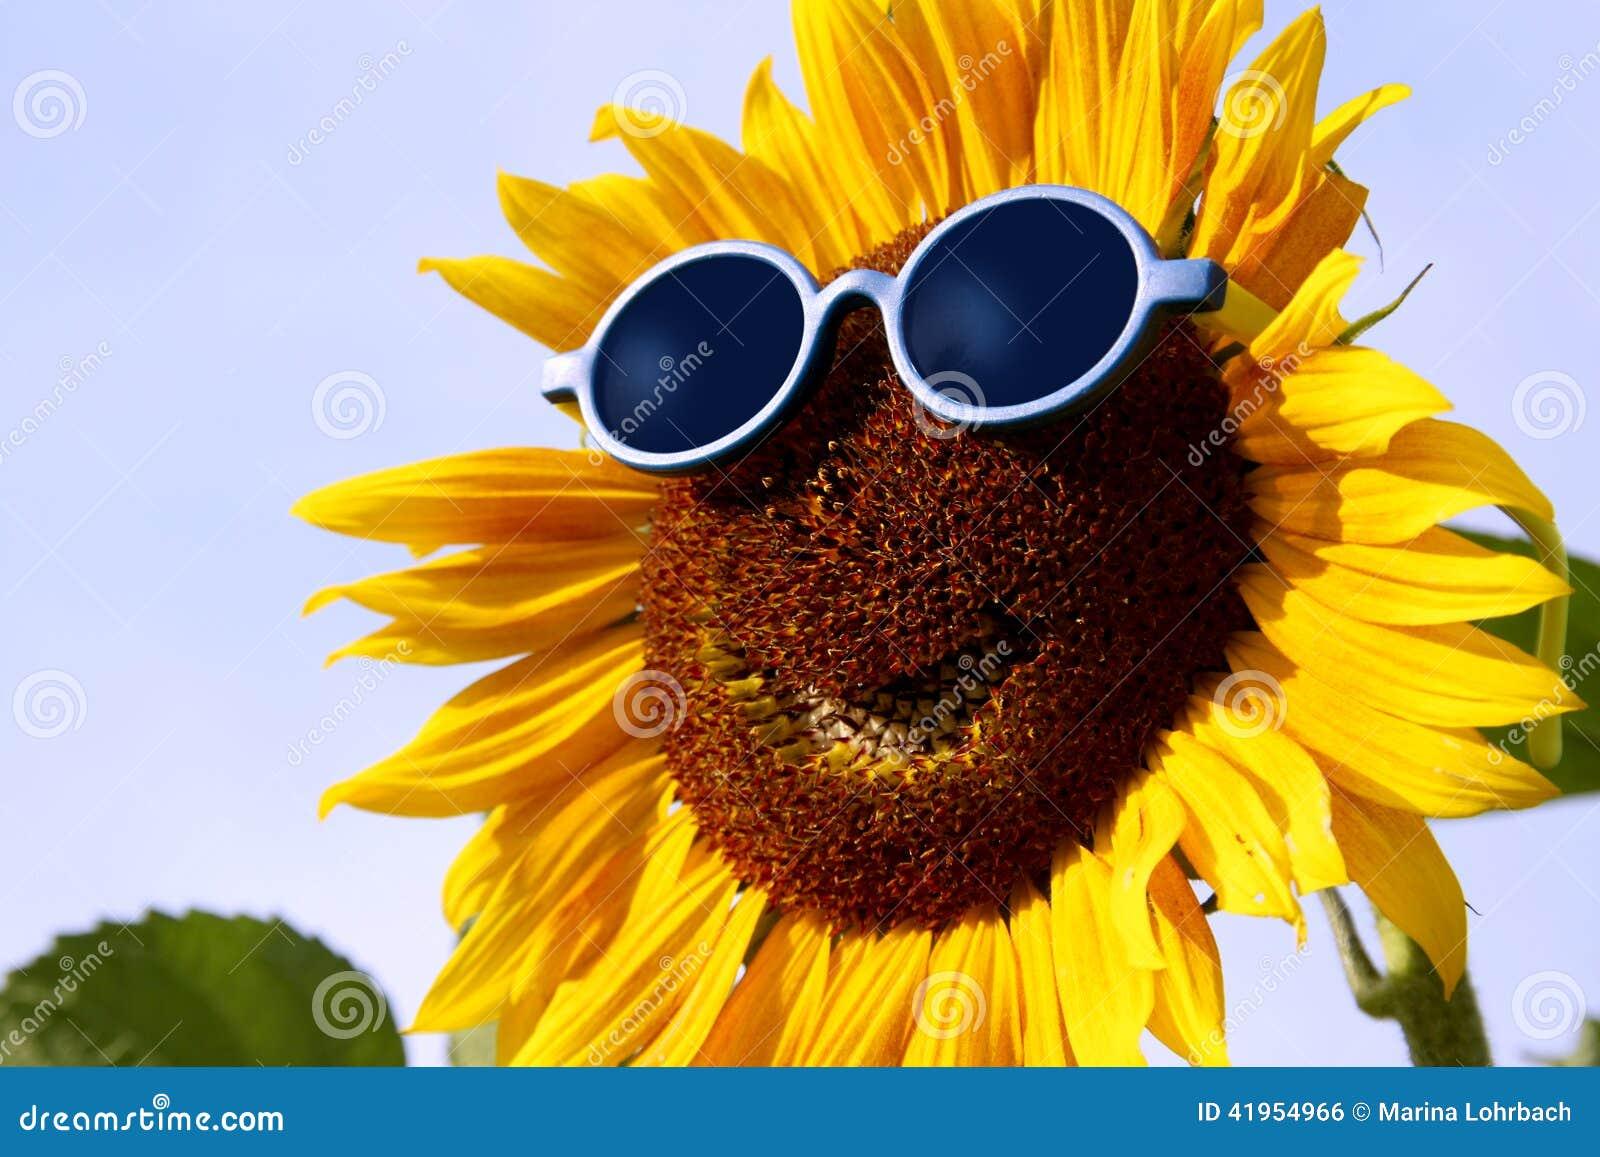 Uśmiechnięty słonecznik z okularami przeciwsłonecznymi